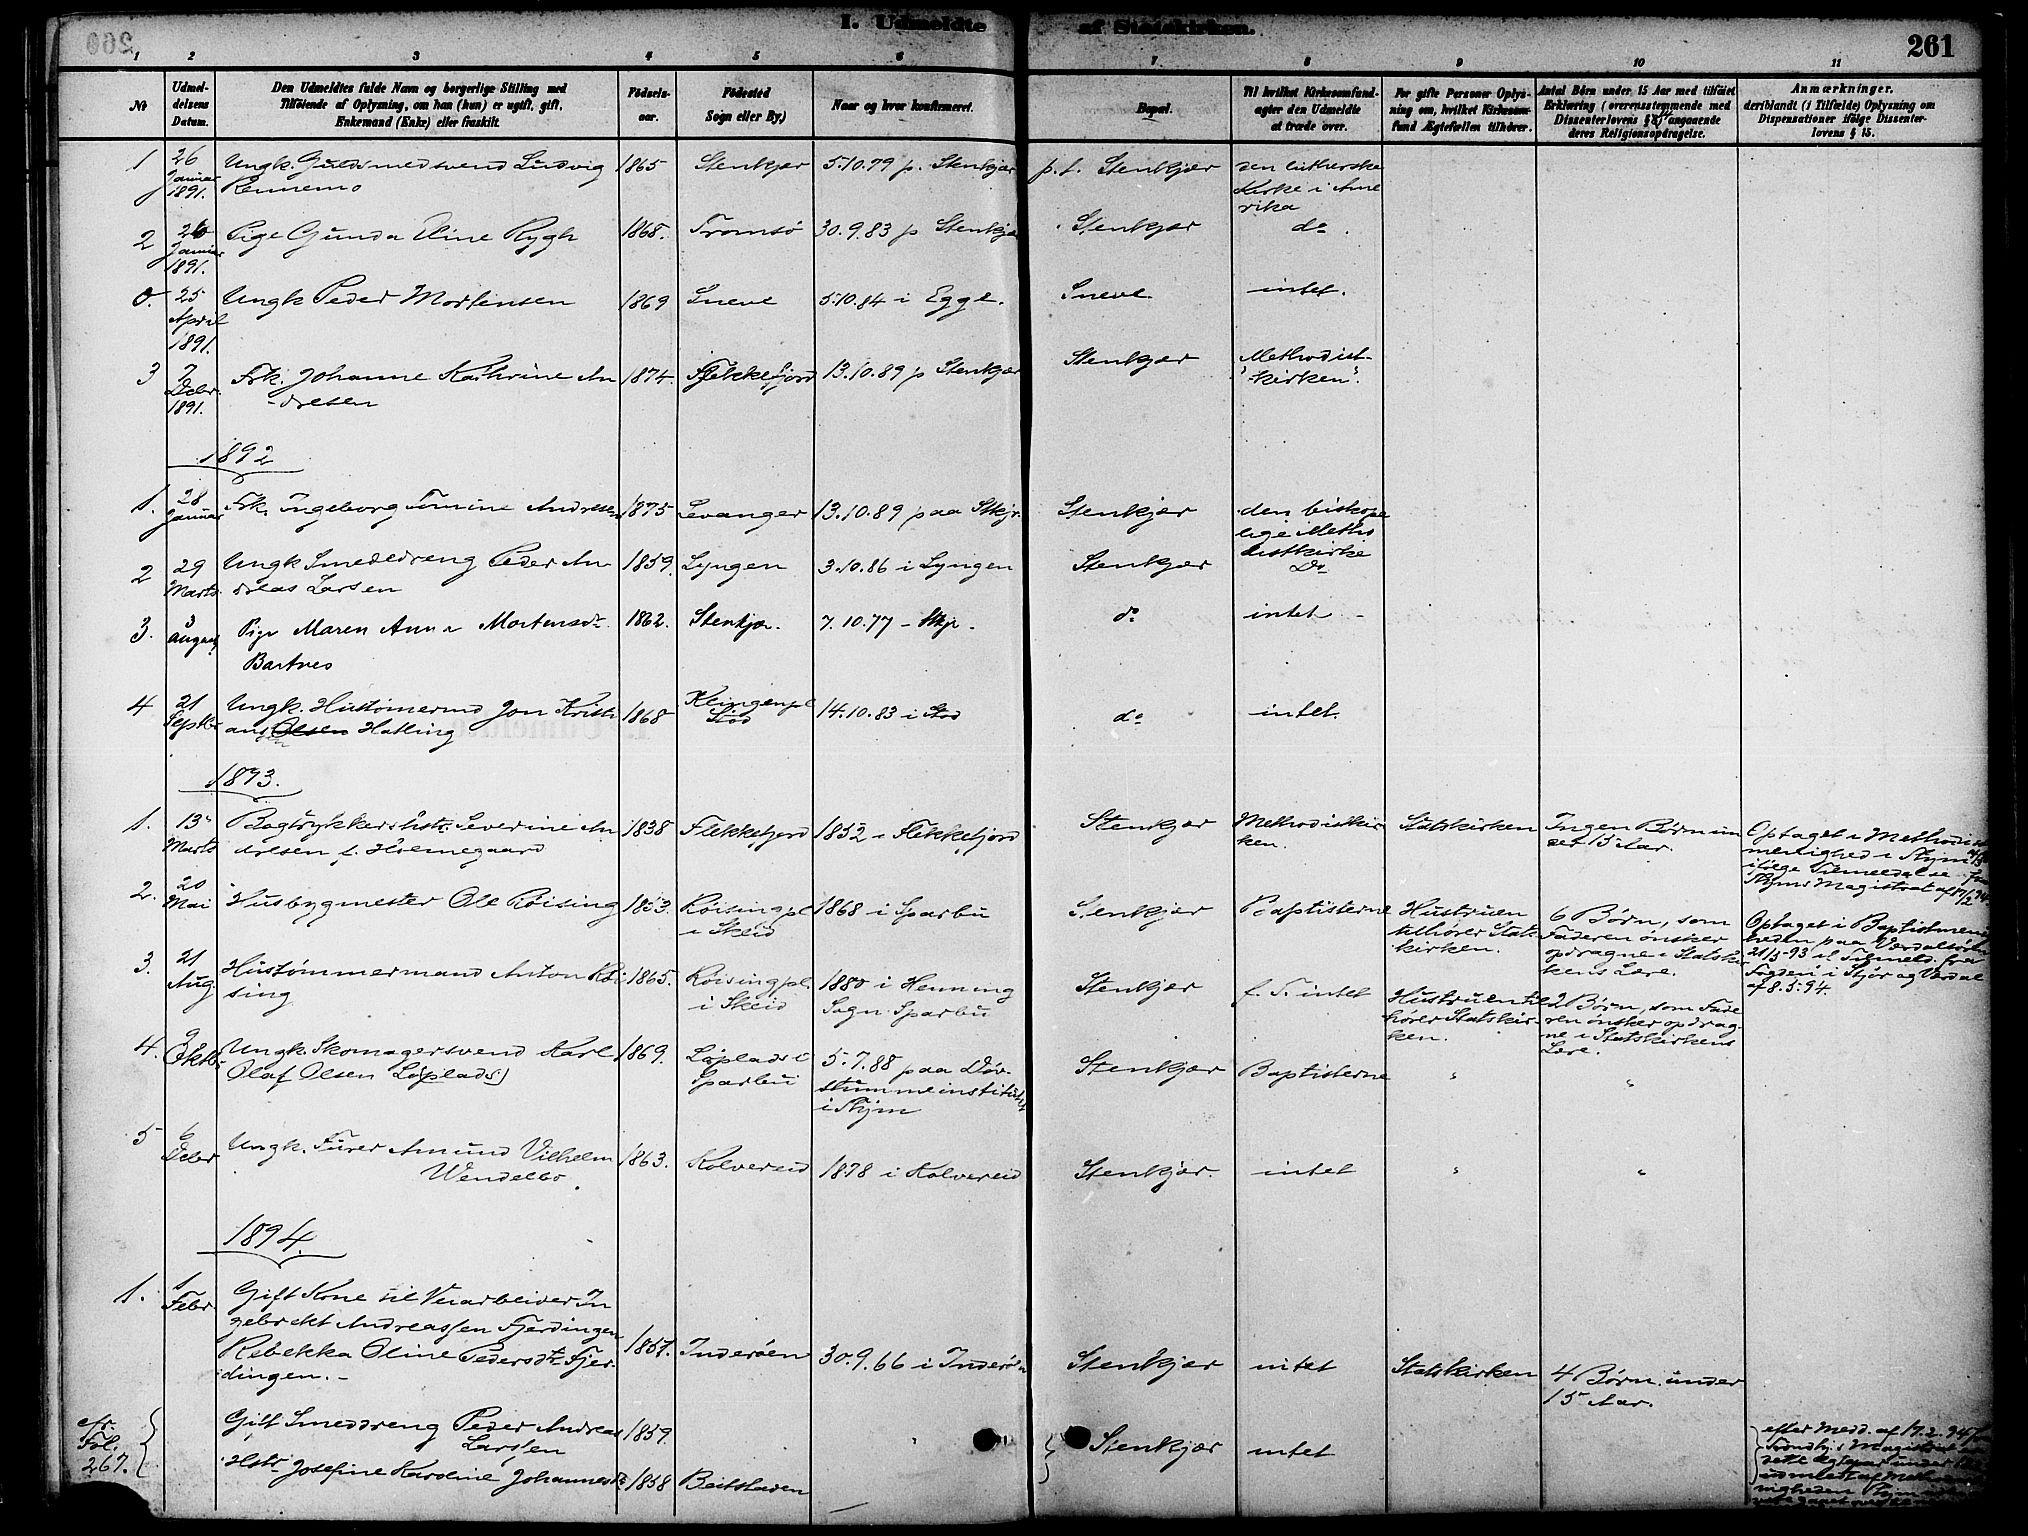 SAT, Ministerialprotokoller, klokkerbøker og fødselsregistre - Nord-Trøndelag, 739/L0371: Ministerialbok nr. 739A03, 1881-1895, s. 261